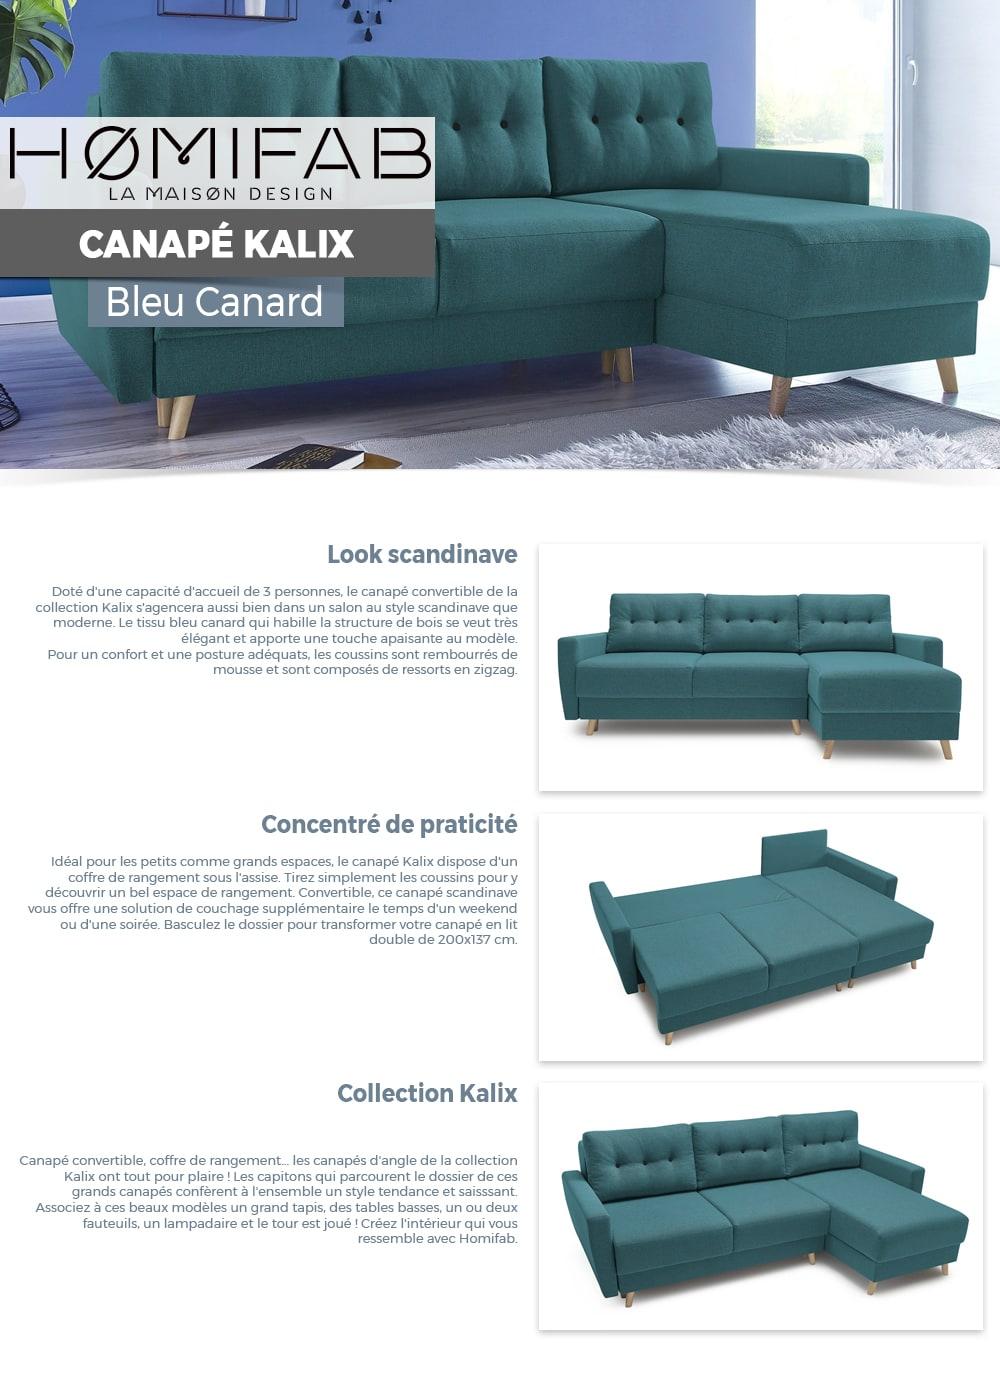 super populaire 77a8d f2688 Canapé d'angle convertible scandinave en tissu bleu canard kalix - avec  couchage 140x200 cm, coffre de rangement, tissu premium.